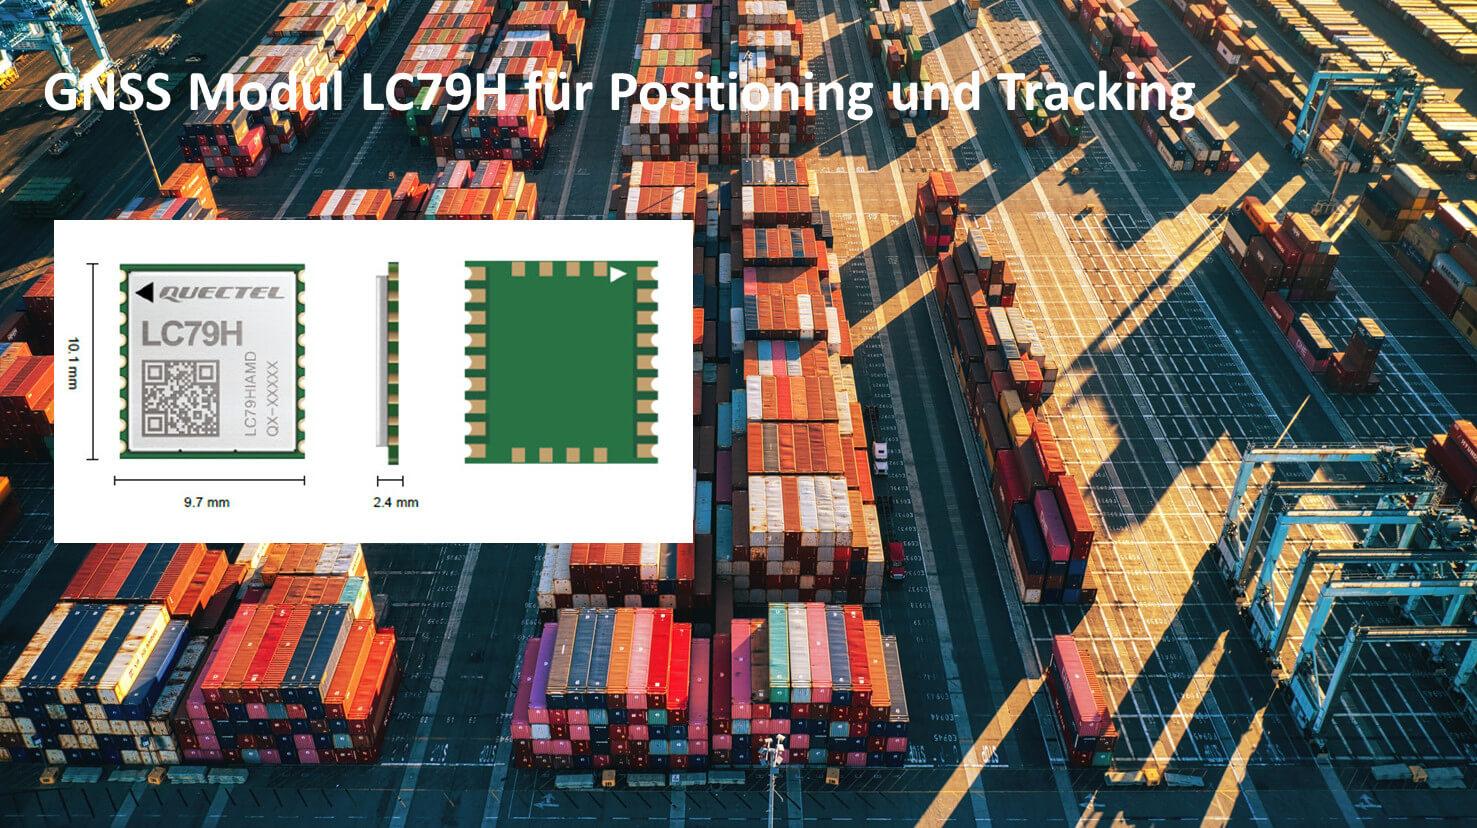 GNSS Modul LC79H von Quectel